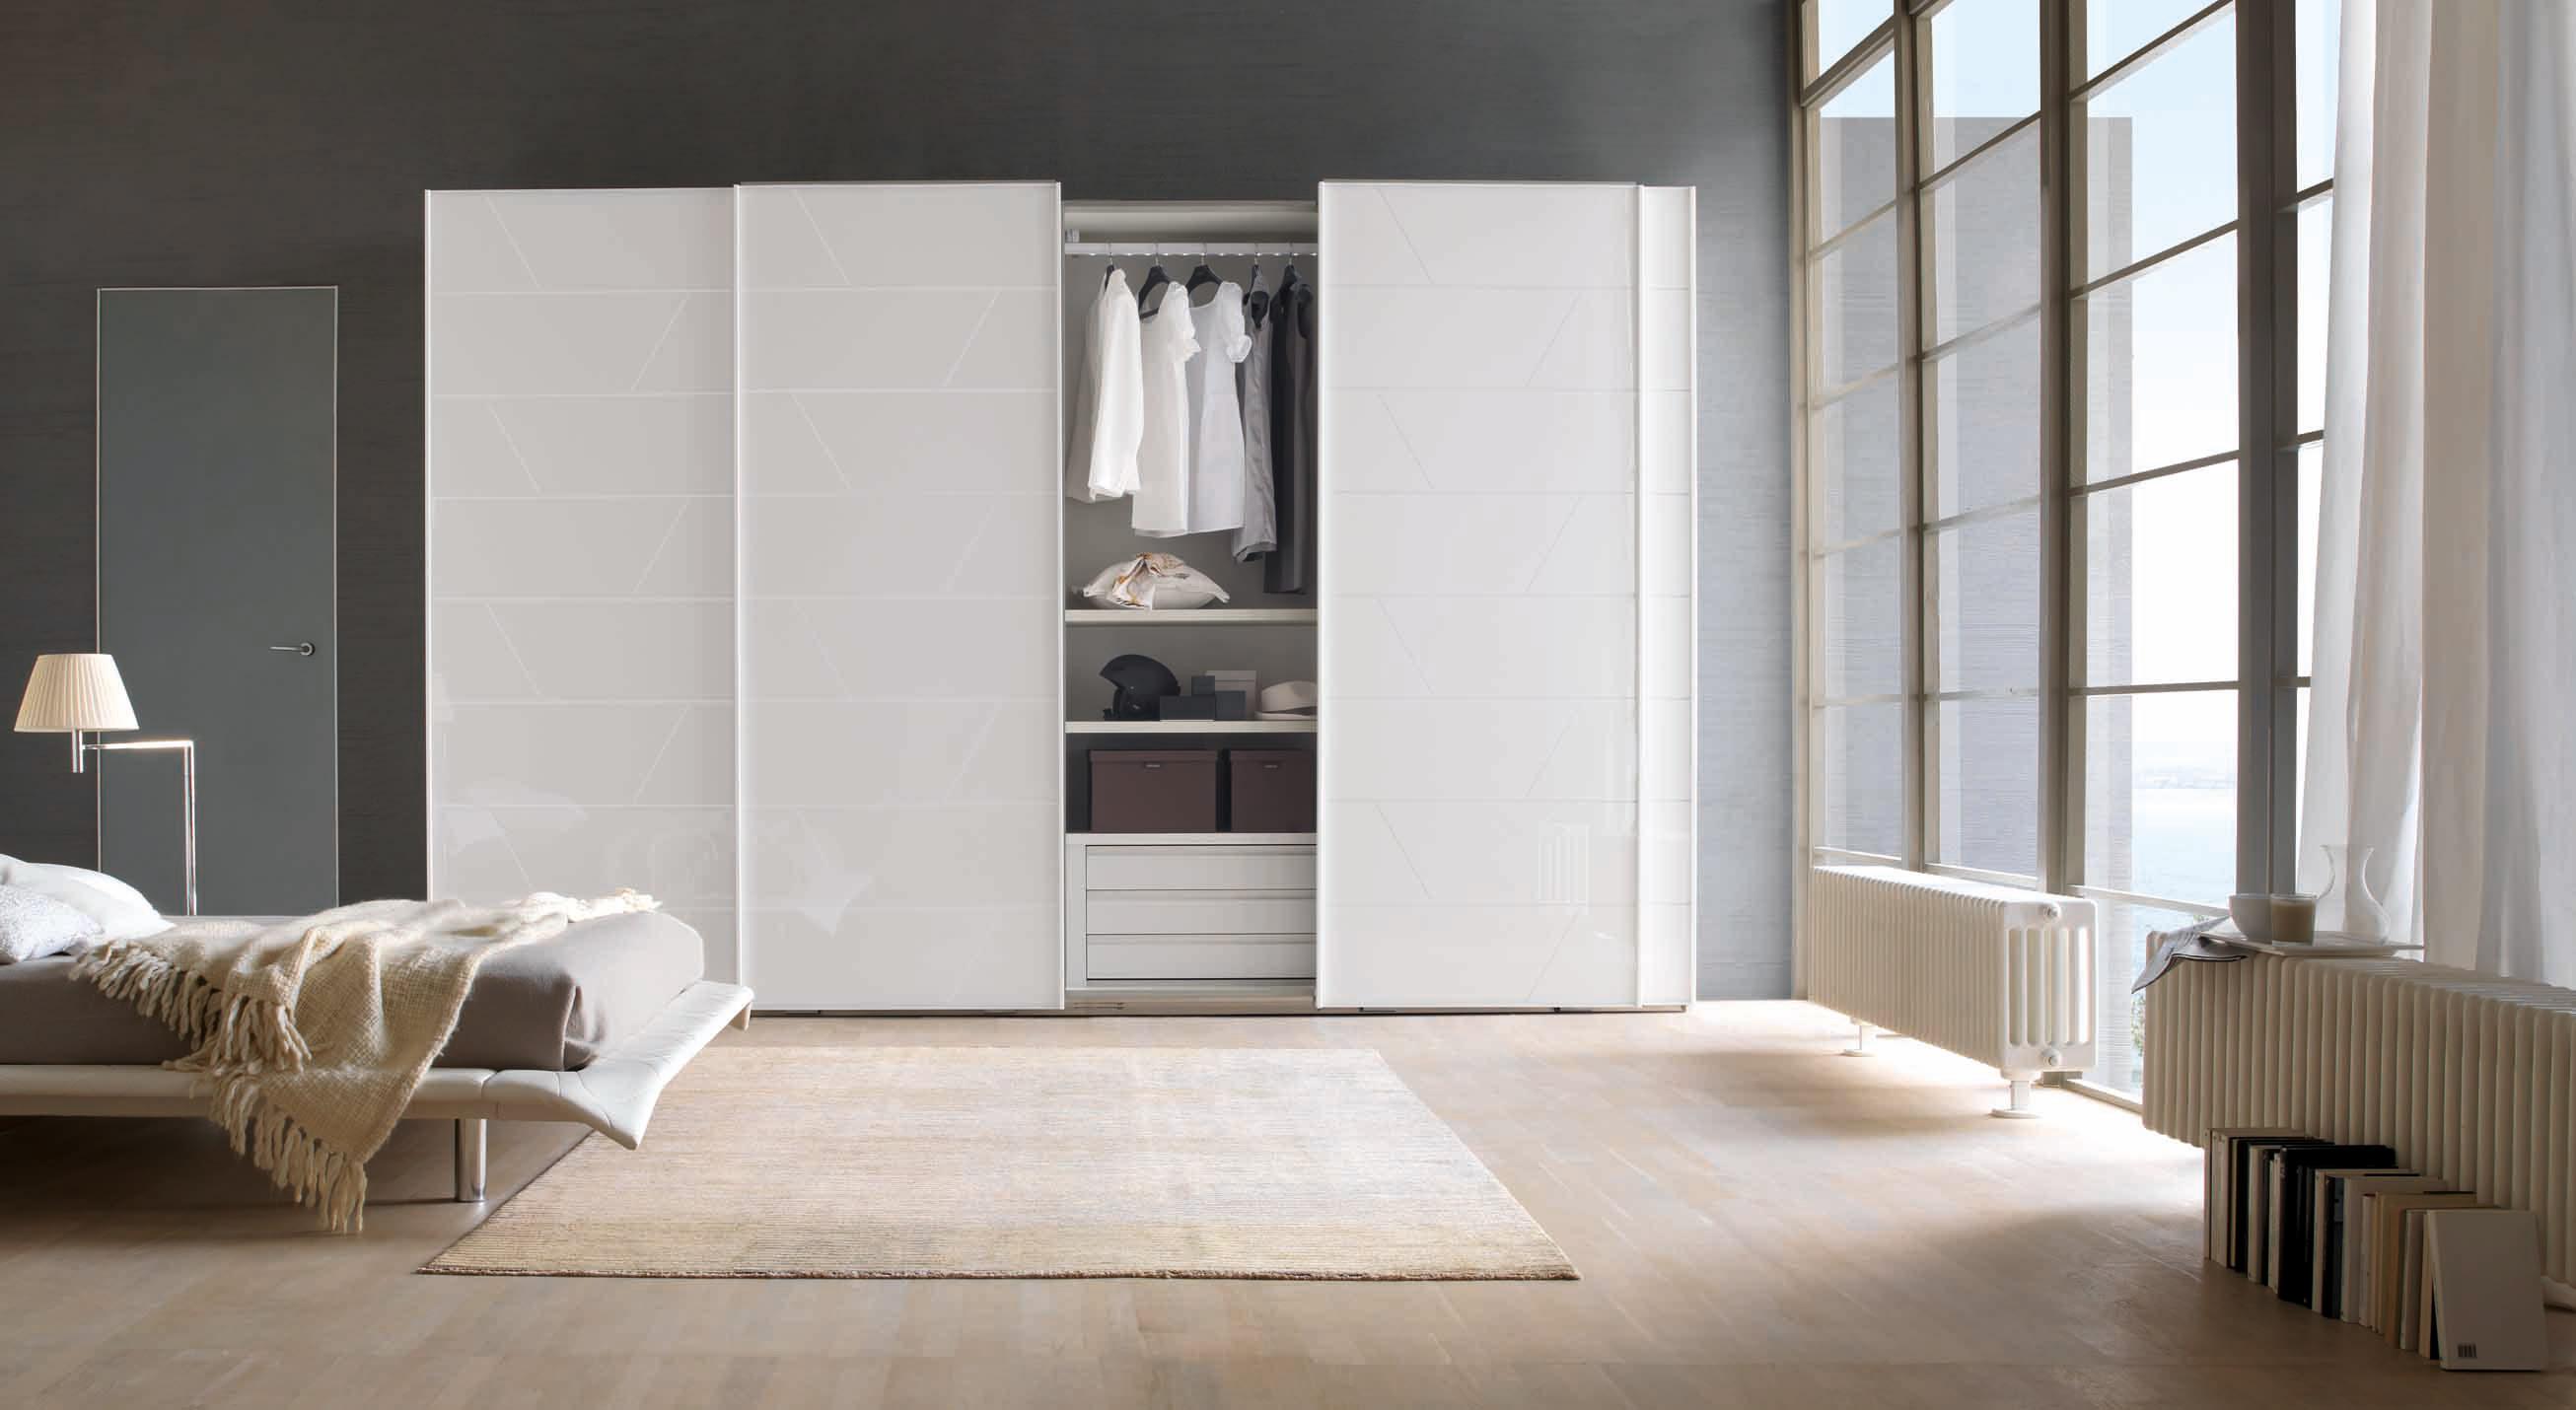 Вид белого шкафа